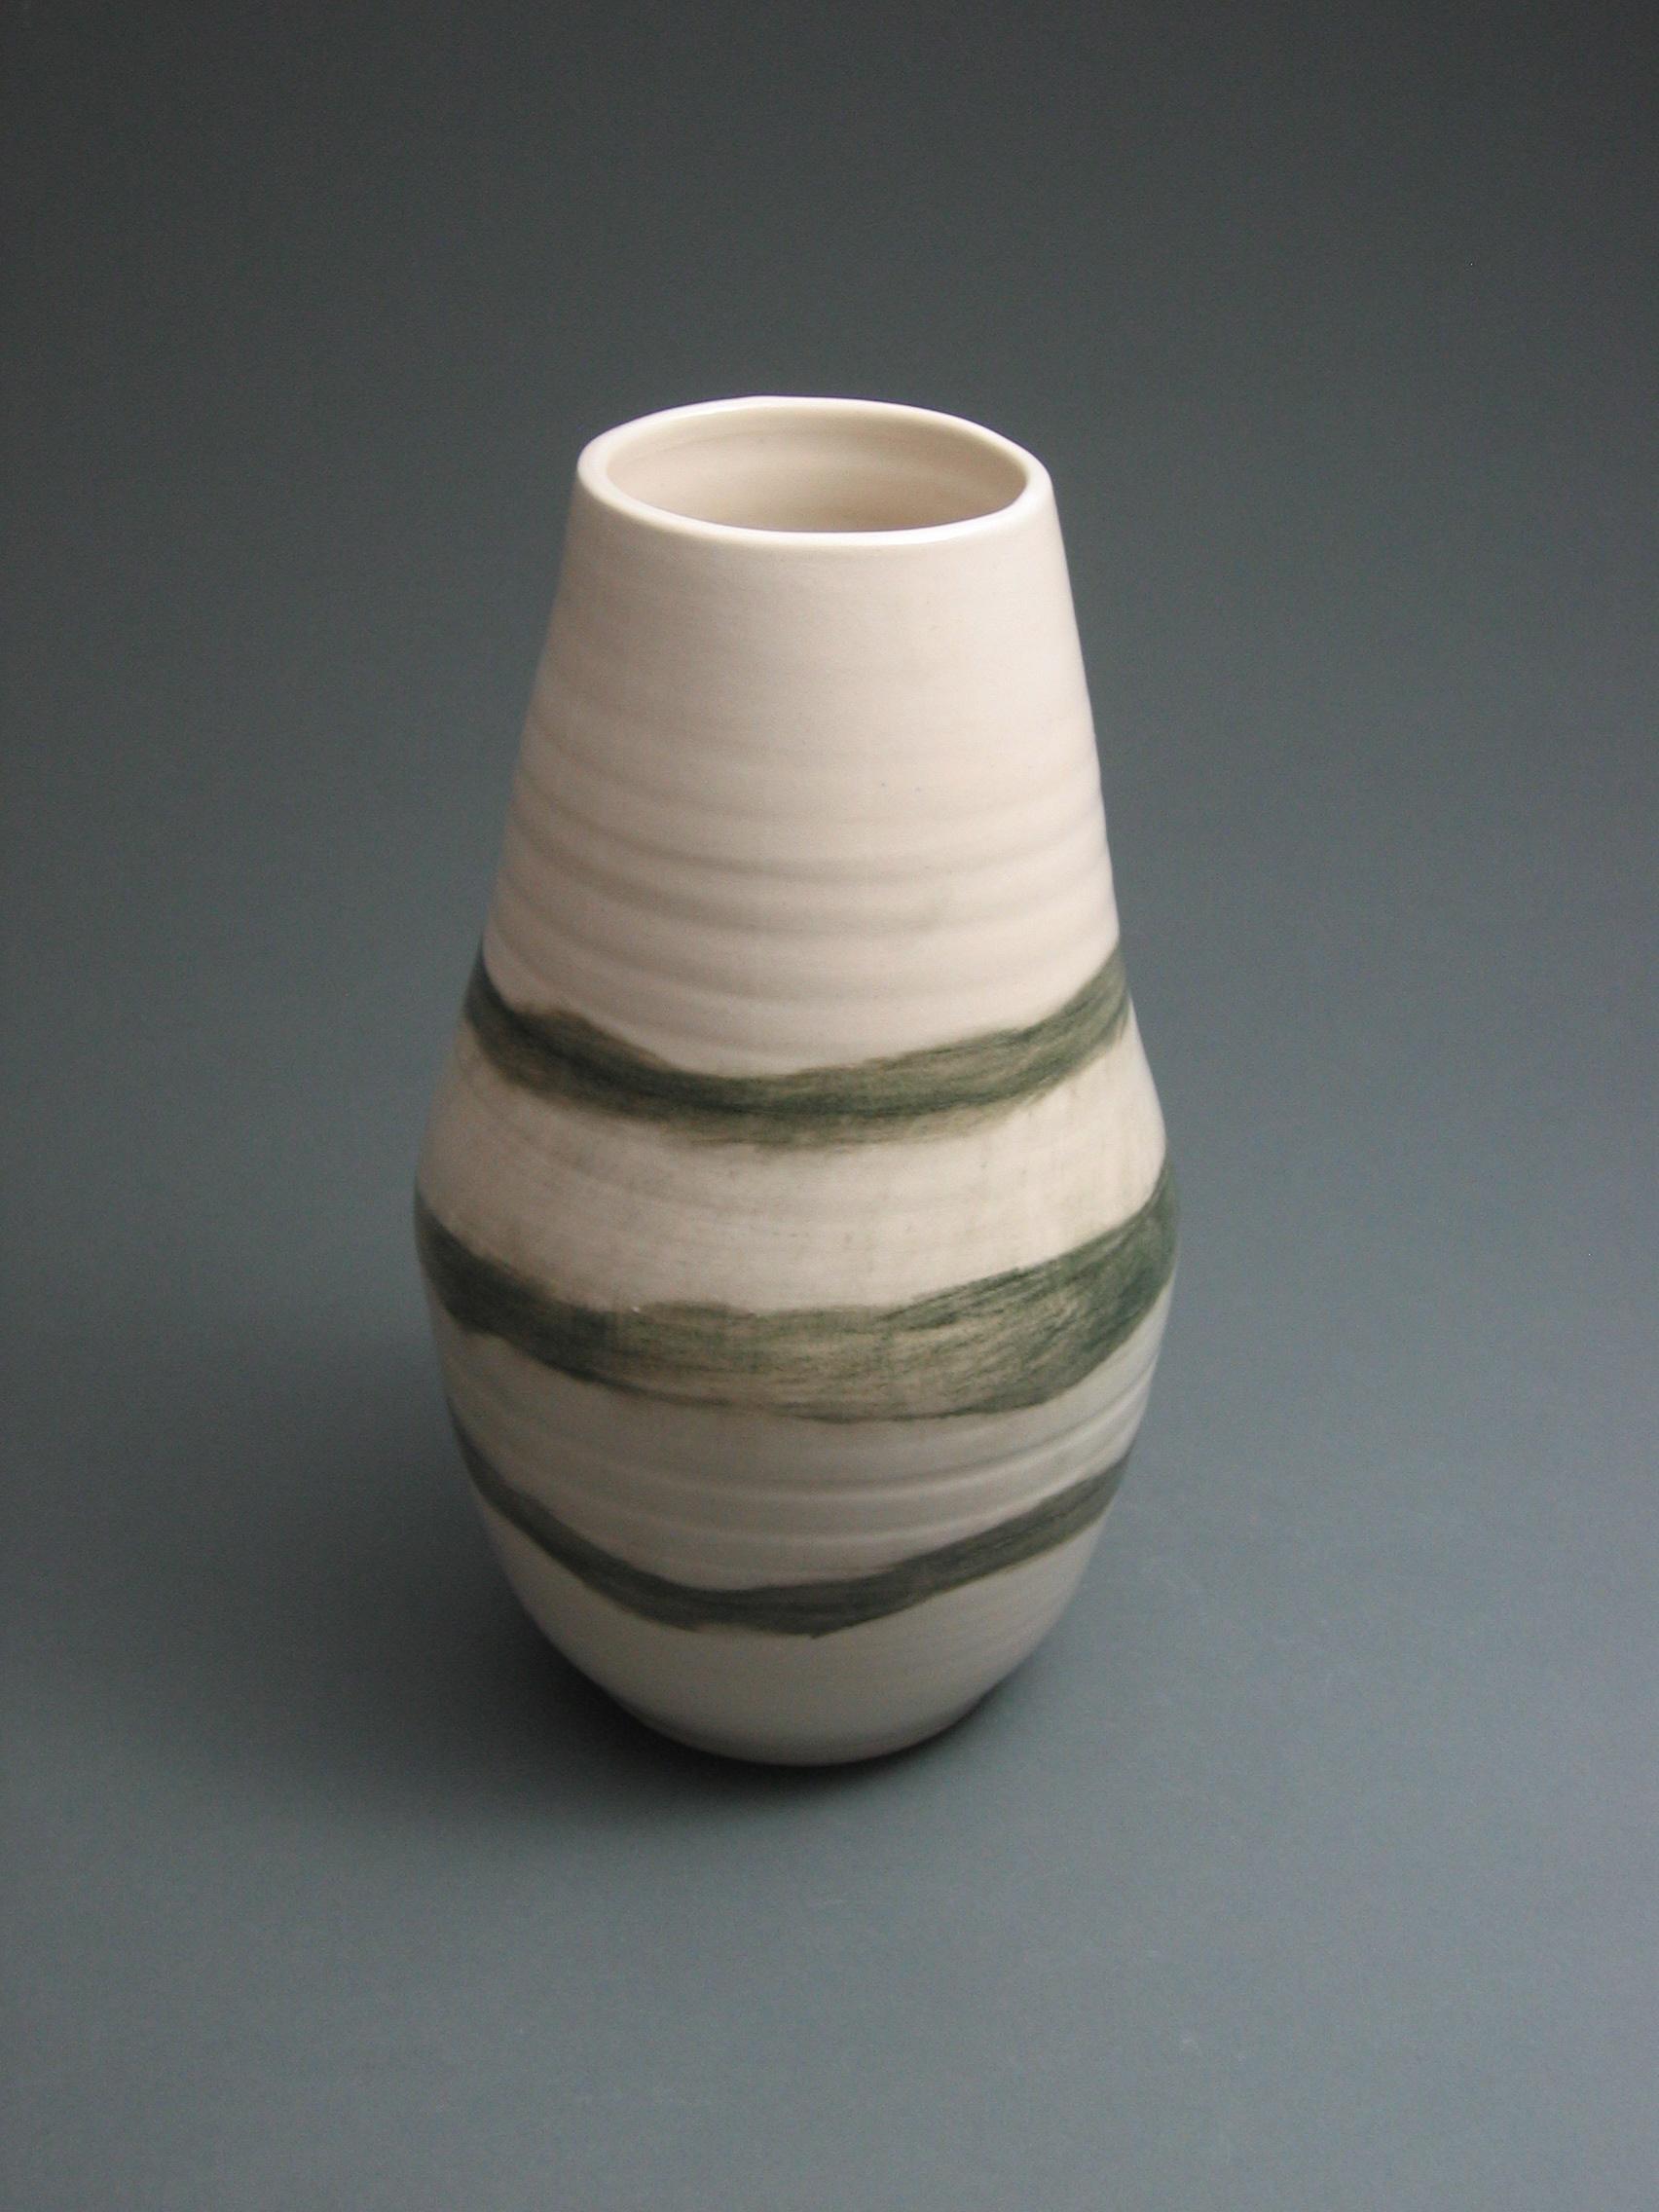 080 large landscape vase.JPG